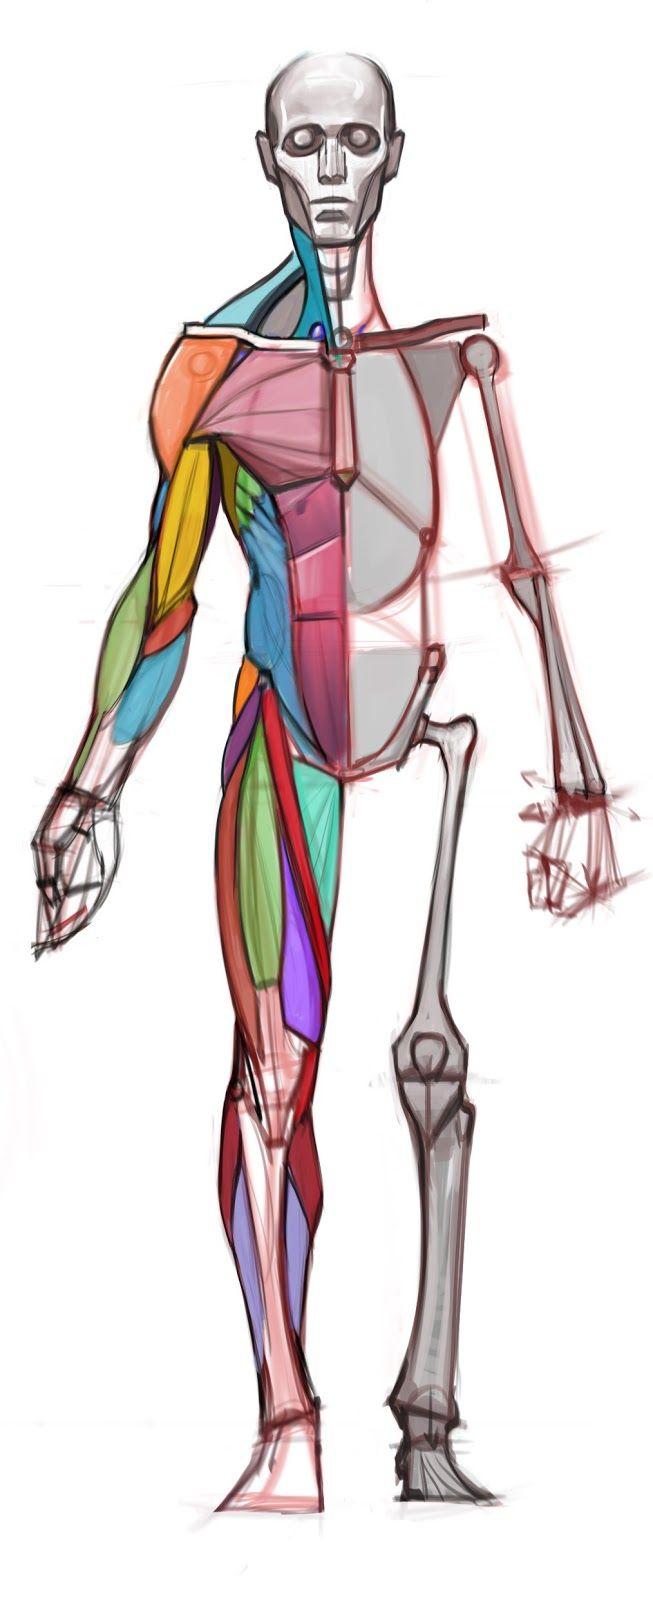 esquema sencillo para el dibujo de anatomia | Anatomia Humana ...